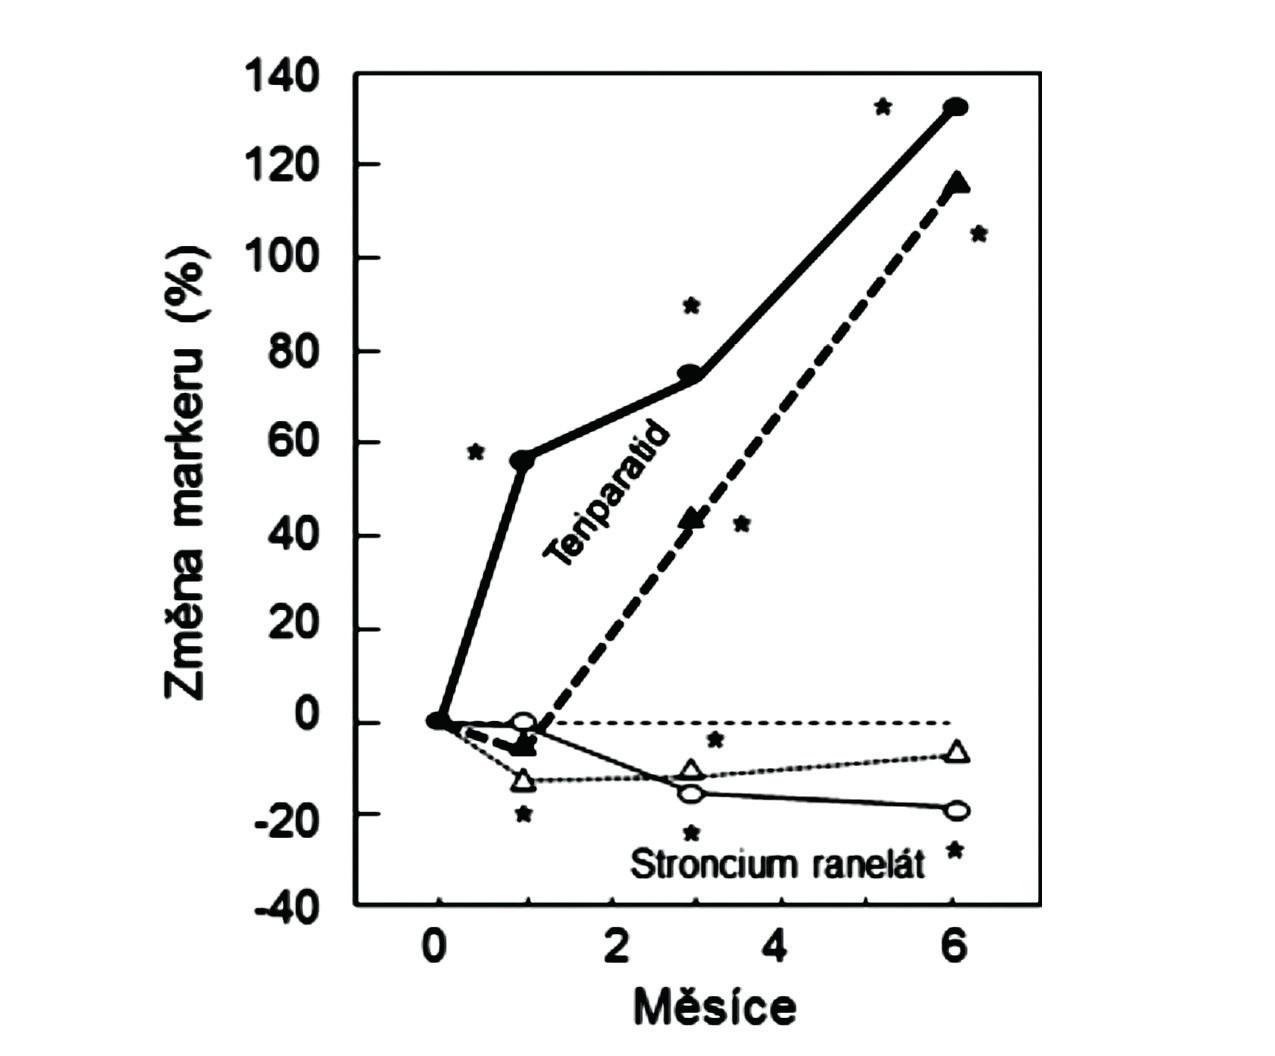 Vlevo: Změny sérových koncentrací PINP (plně, kroužky) a ßCTX-1 (přerušovaně, trojúhelníky) u žen s postmenopauzální osteoporózou, užívajících teriparatid (plné kroužky a trojúhelníky) nebo stroncium ranelát (prázdné kroužky a trojúhelníky). Podle (28).